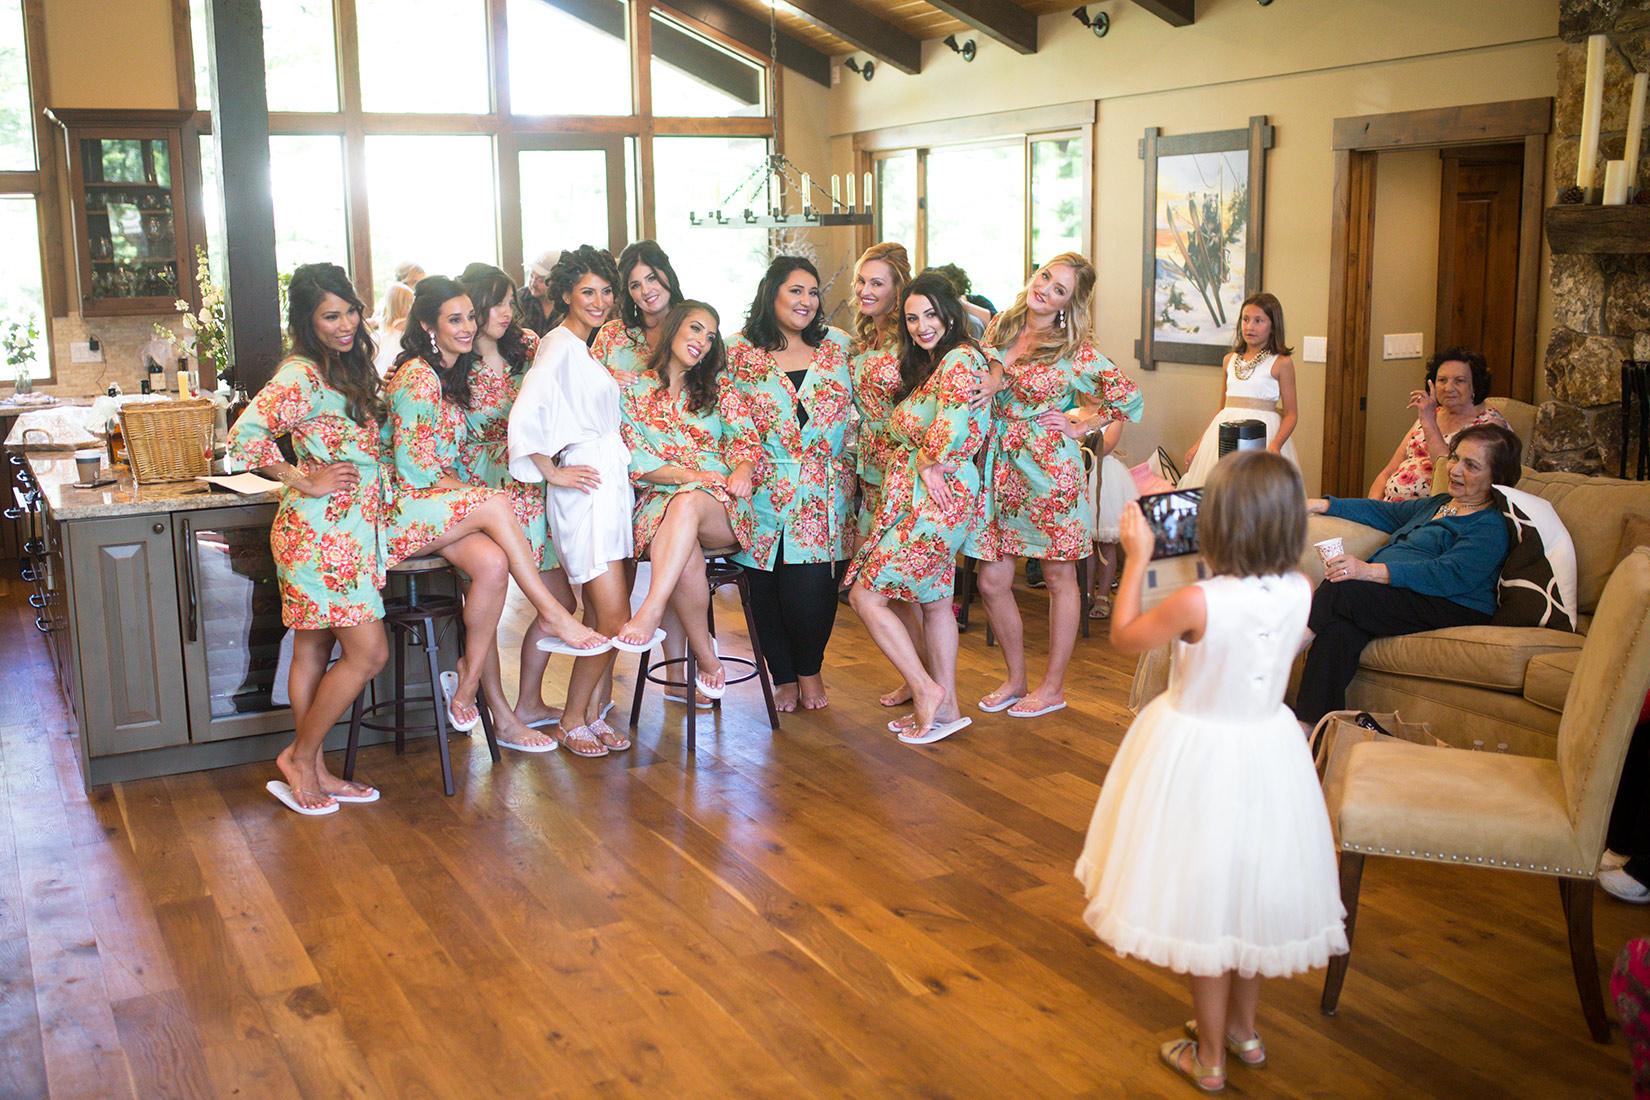 Ritz-Tahoe-wedding-party-3